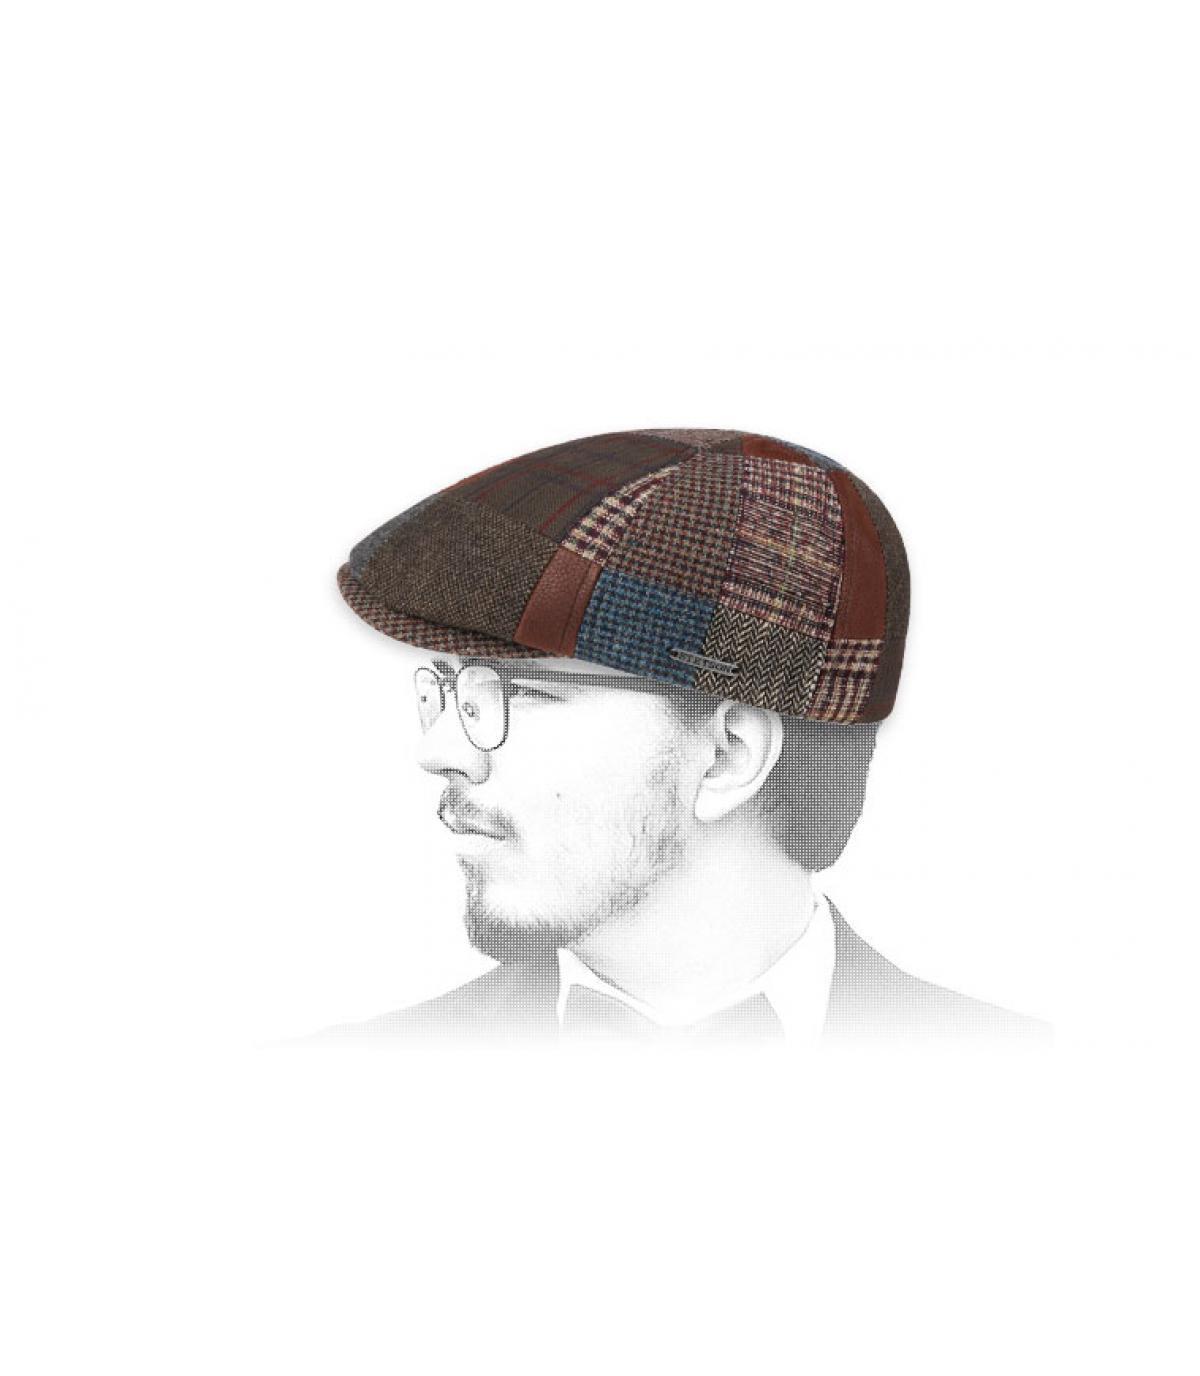 pelle di lana patchwork berretto